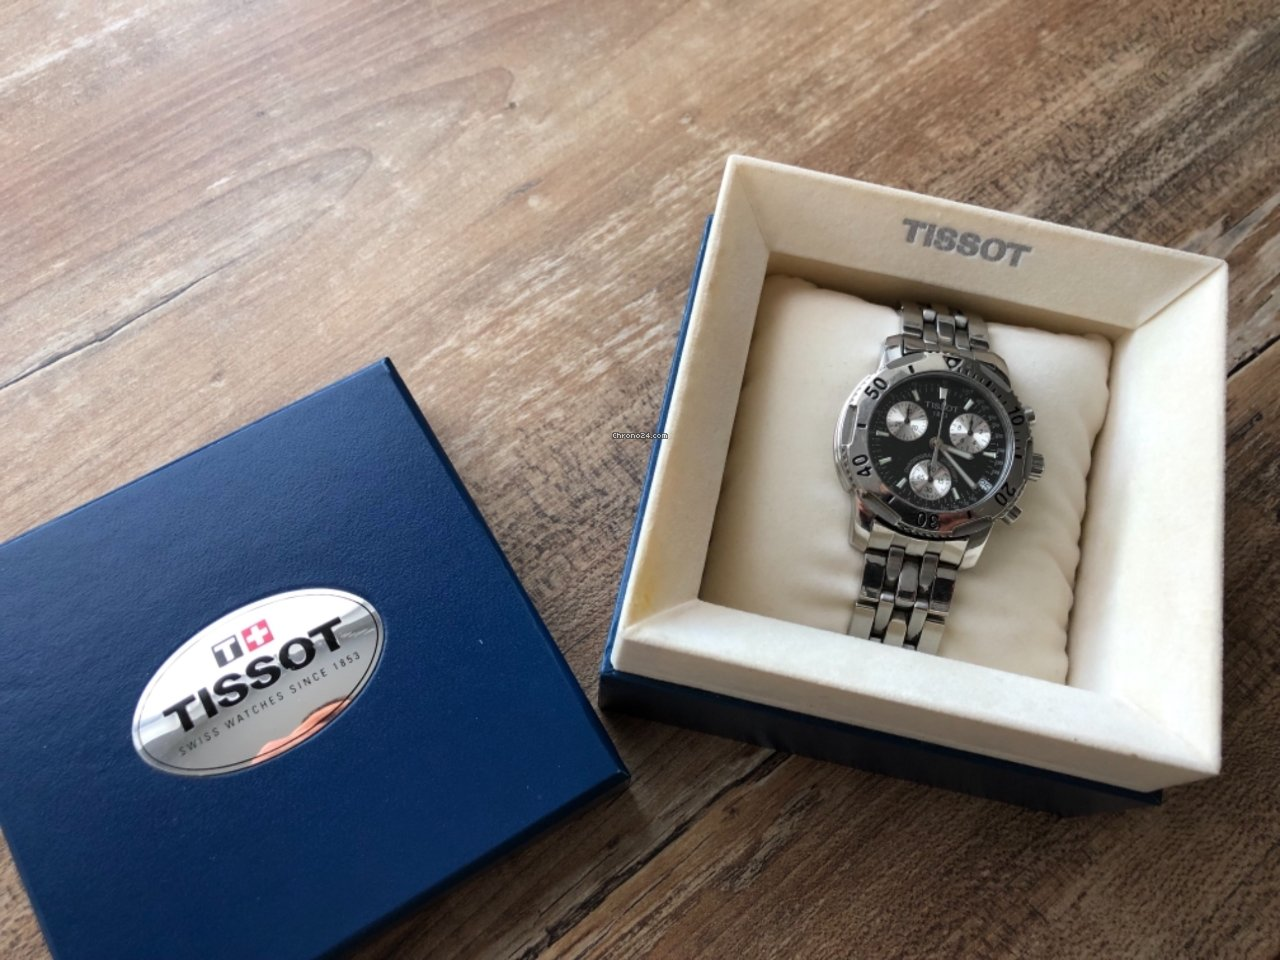 7d10e734d71 Tissot PRS 200 Aço - Todos os preços de relógios Tissot PRS 200 Aço na  Chrono24